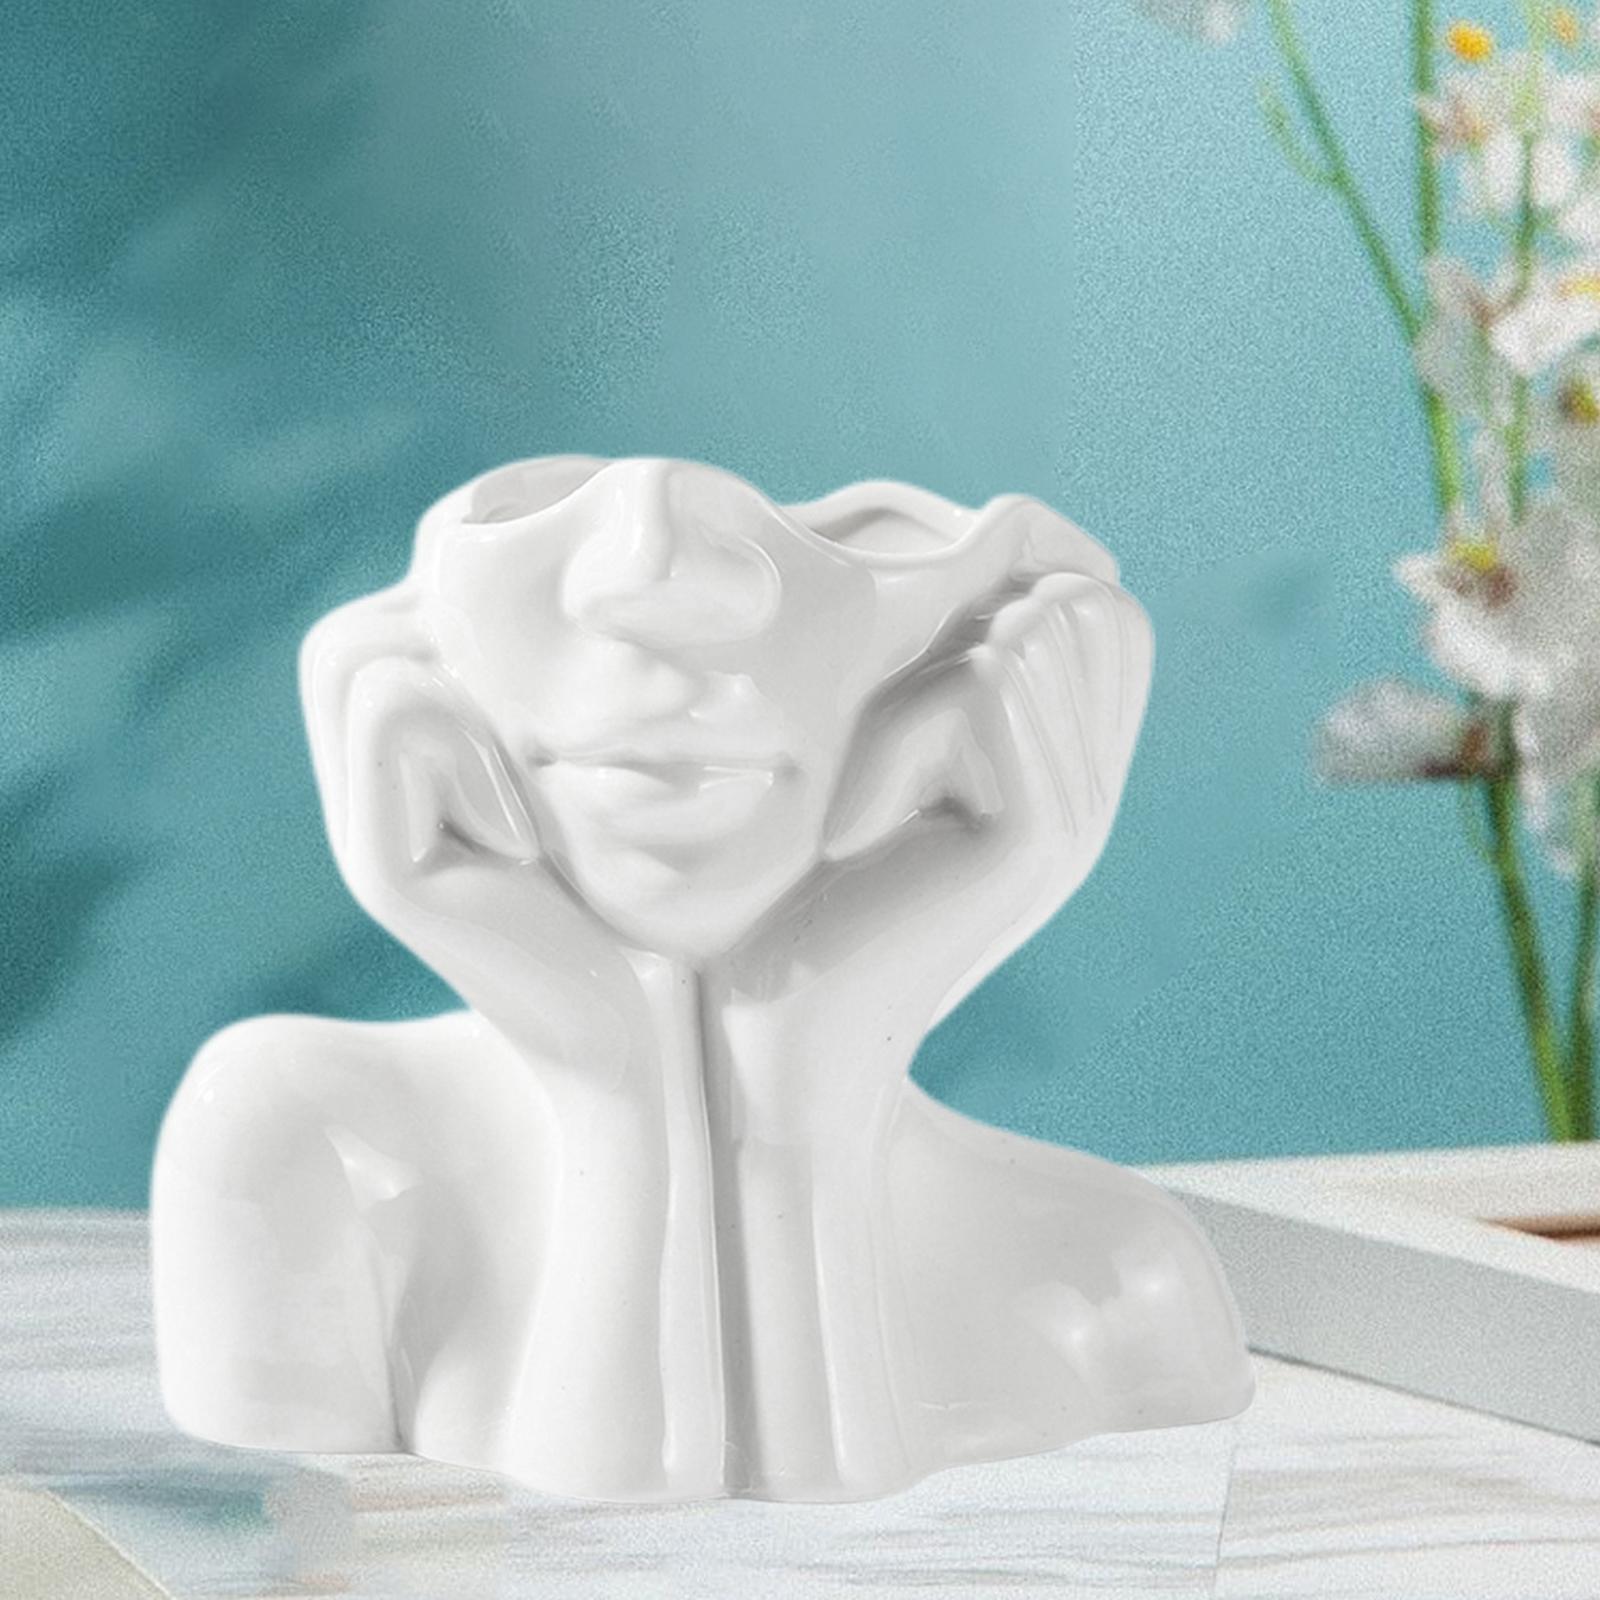 Indexbild 4 - Abstrakte Keramik Vase für weibliches Gesicht Niedliche Blumentöpfe Kleiner